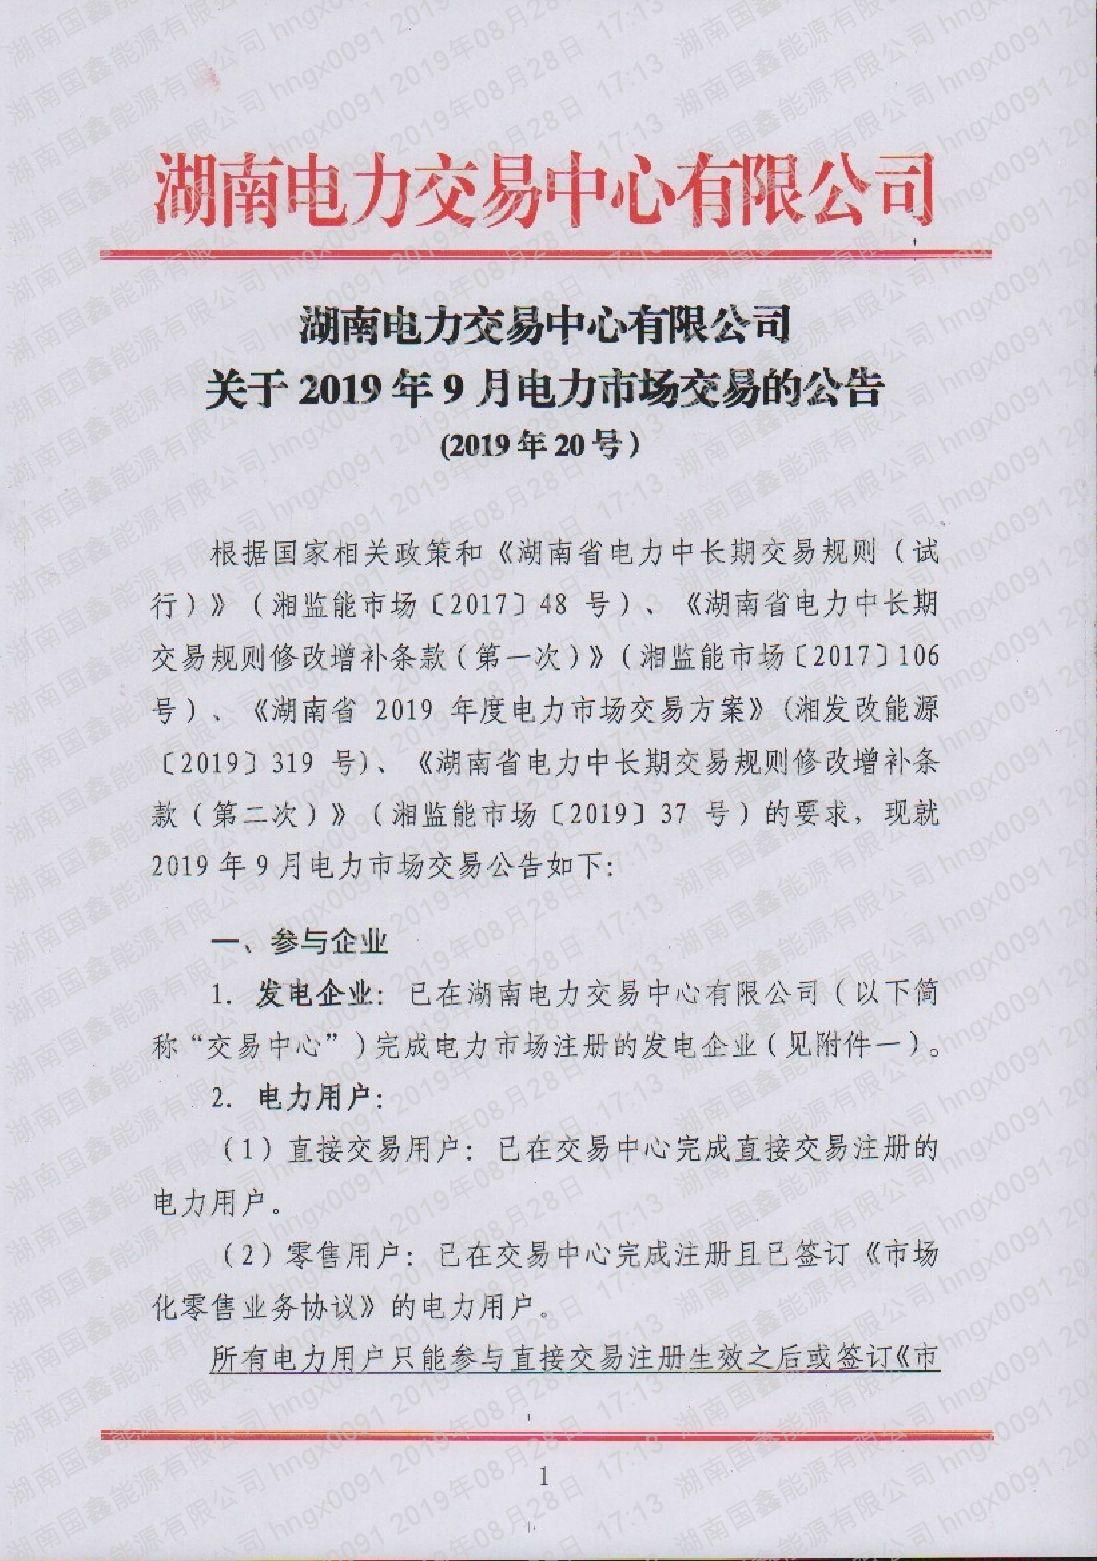 2019年第20號交易公告(9月月度交易).pdf_page_1_compressed.jpg